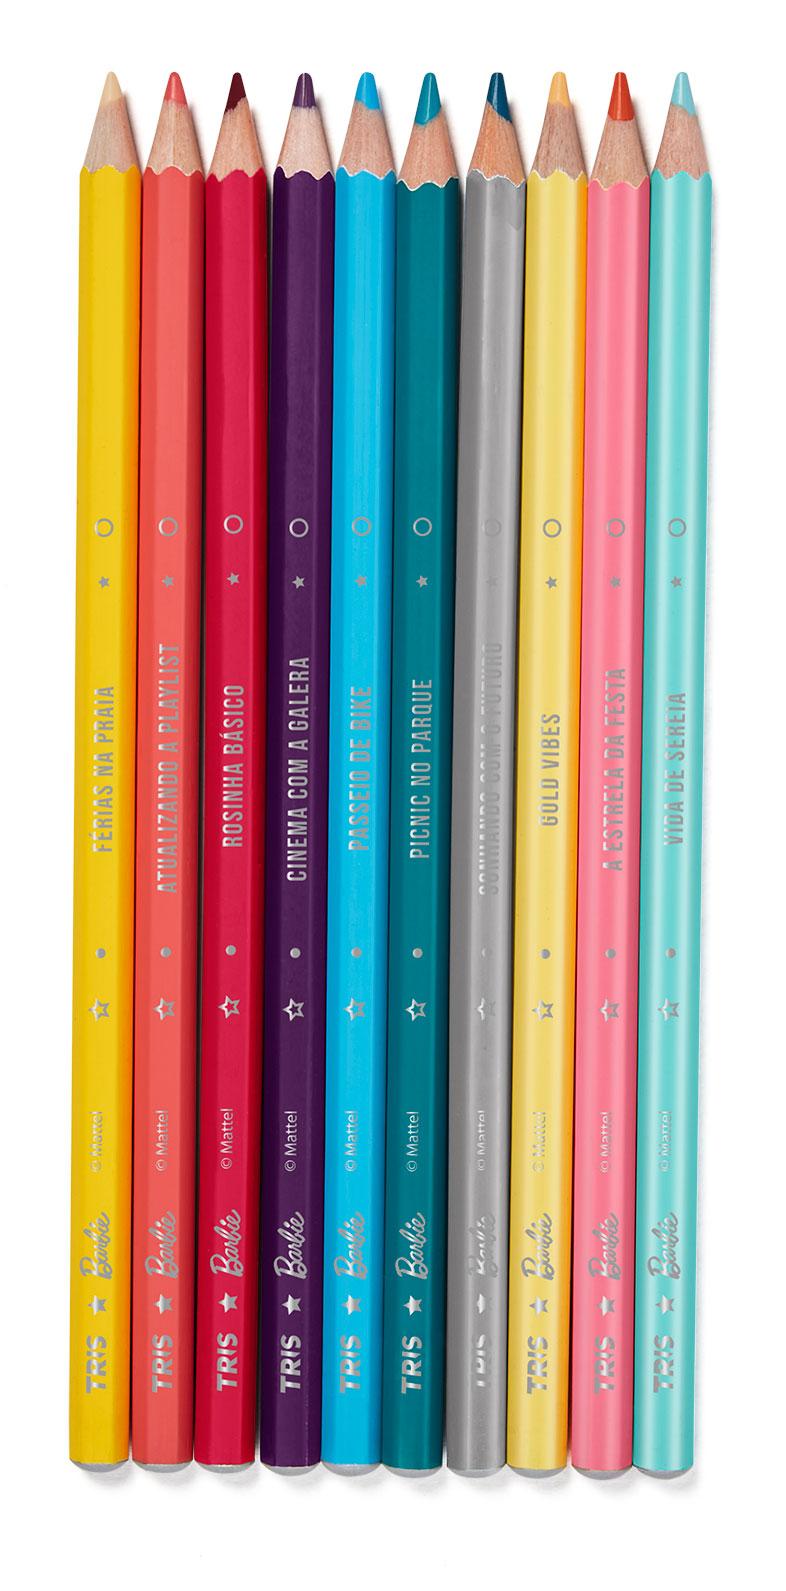 Lápis de Cor Especial Barbie com 10 Cores Fashion - Tris